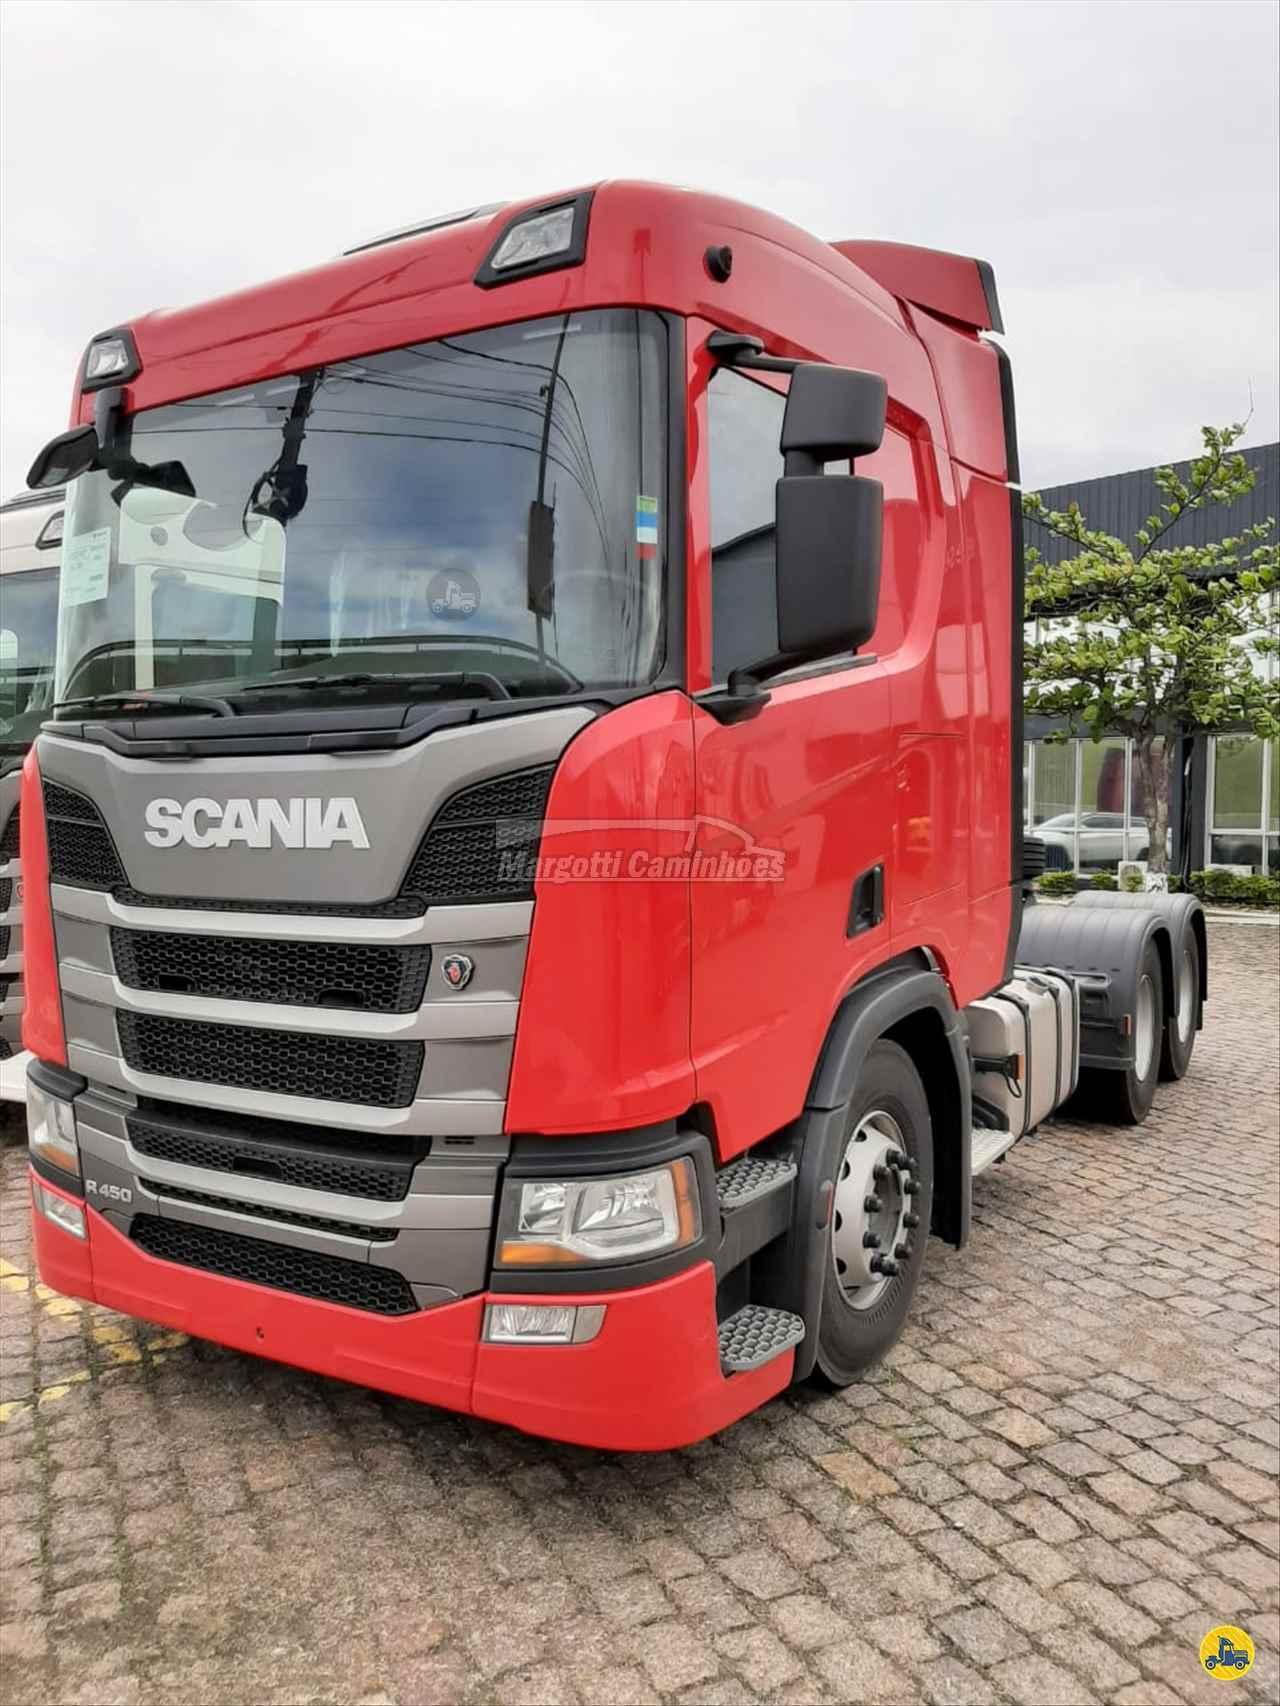 CAMINHAO SCANIA SCANIA 450 Cavalo Mecânico Truck 6x2 Margotti Caminhões TUBARAO SANTA CATARINA SC